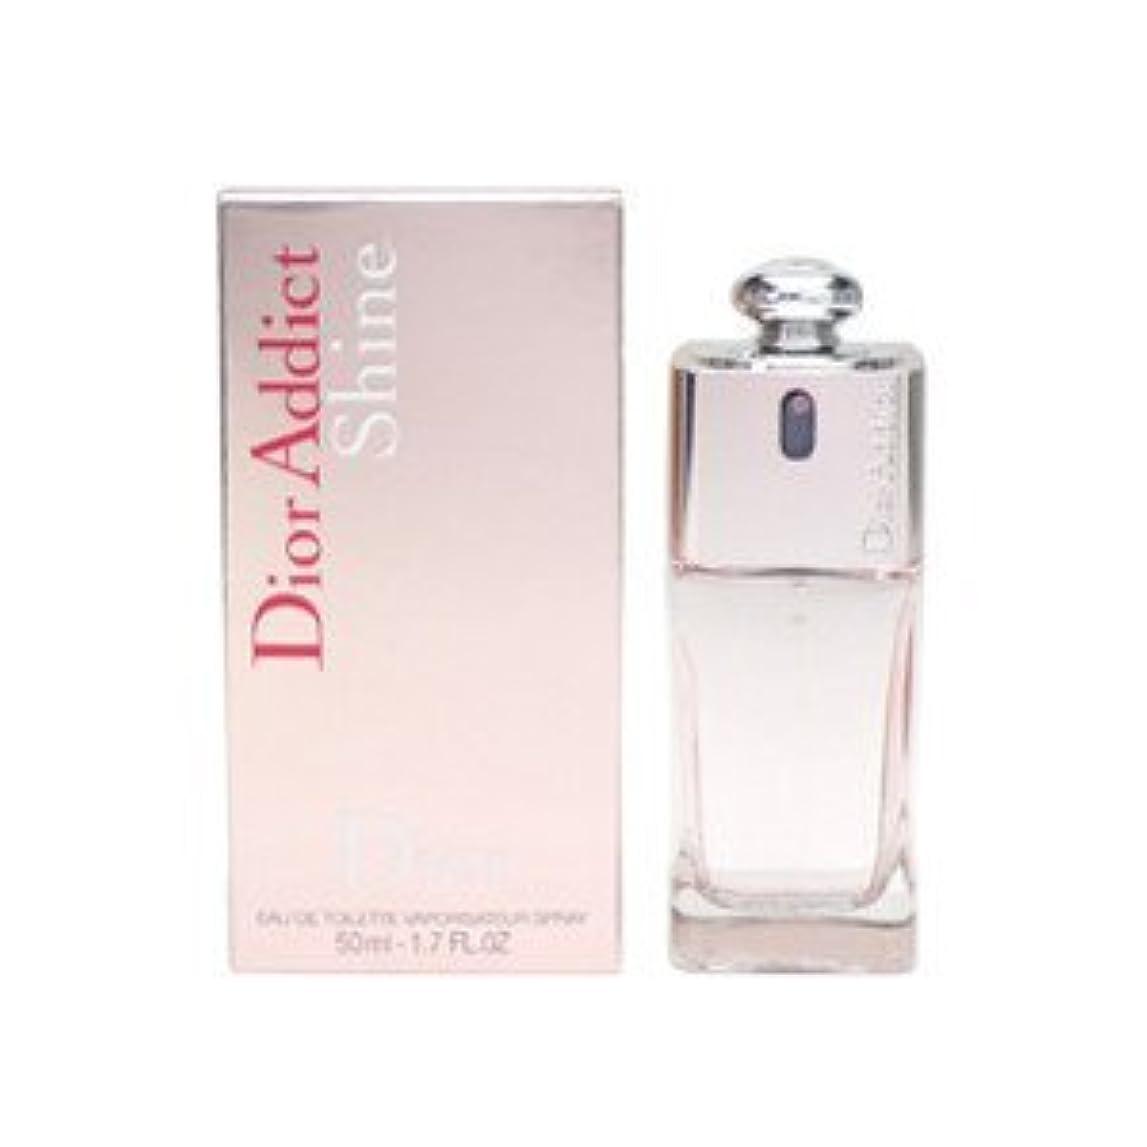 唇パキスタン人必需品クリスチャン ディオール(Christian Dior) アディクトシャイン 50ml[並行輸入品]